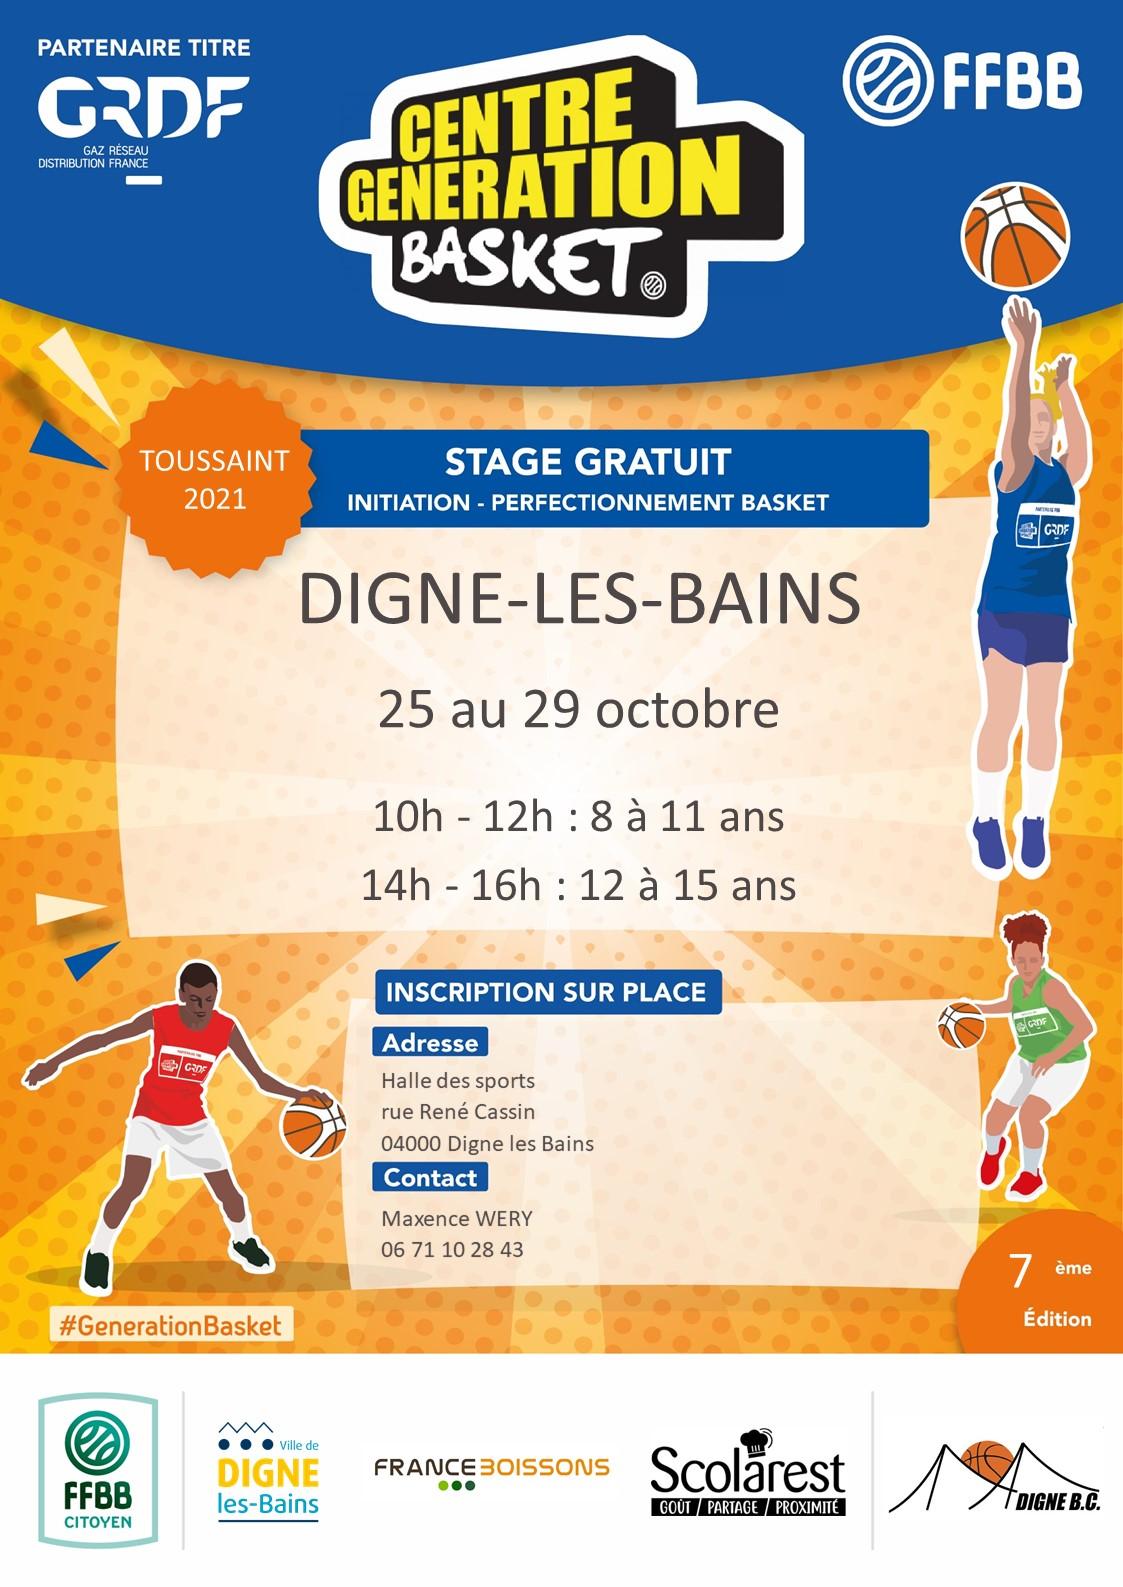 Vacances de la Toussaint : un Centre Génération Basket à Digne les Bains